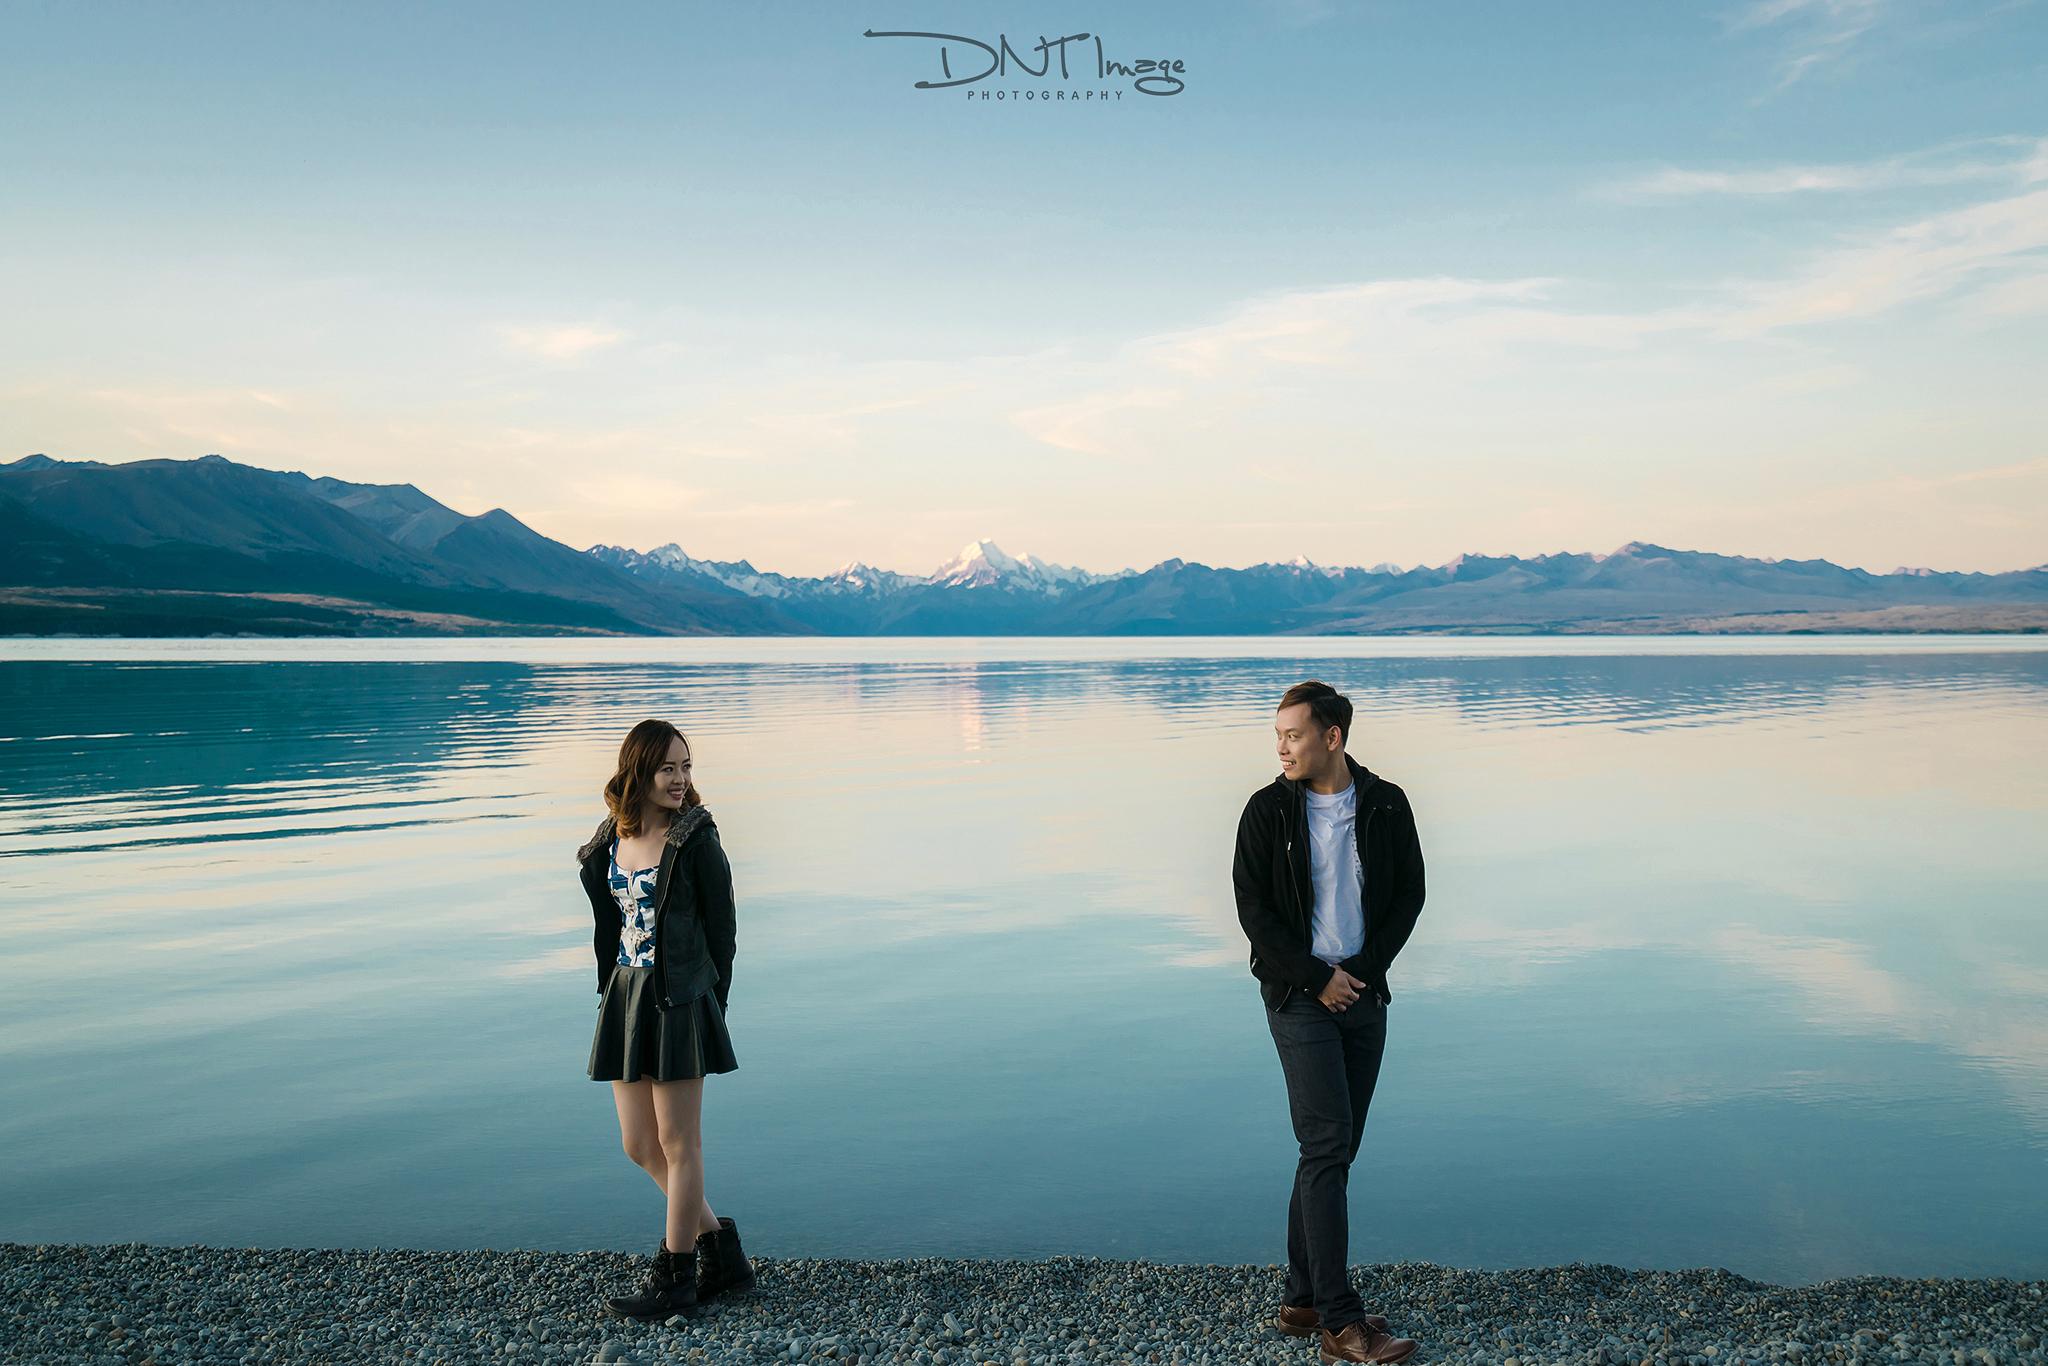 海外婚紗-紐西蘭婚紗-新西蘭婚紗-LakeTekapo-庫克山